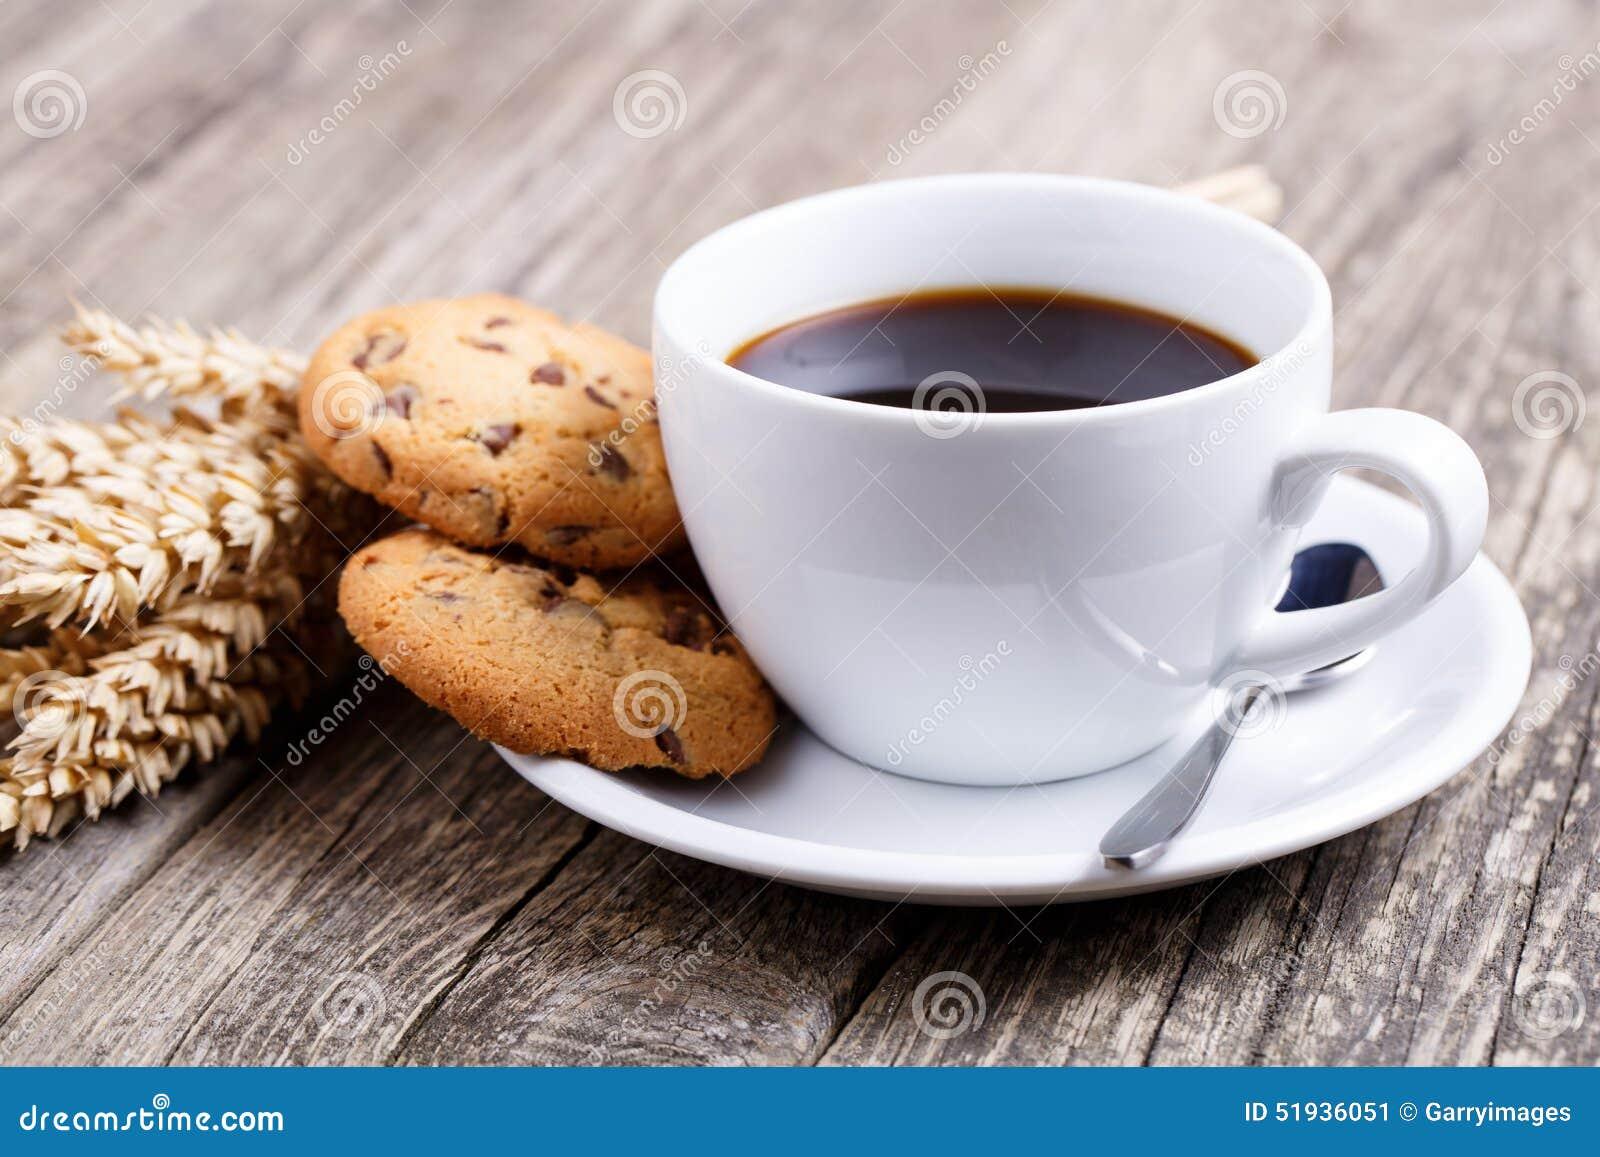 tasse de caf avec les biscuits et le bl sur une table photo stock image 51936051. Black Bedroom Furniture Sets. Home Design Ideas